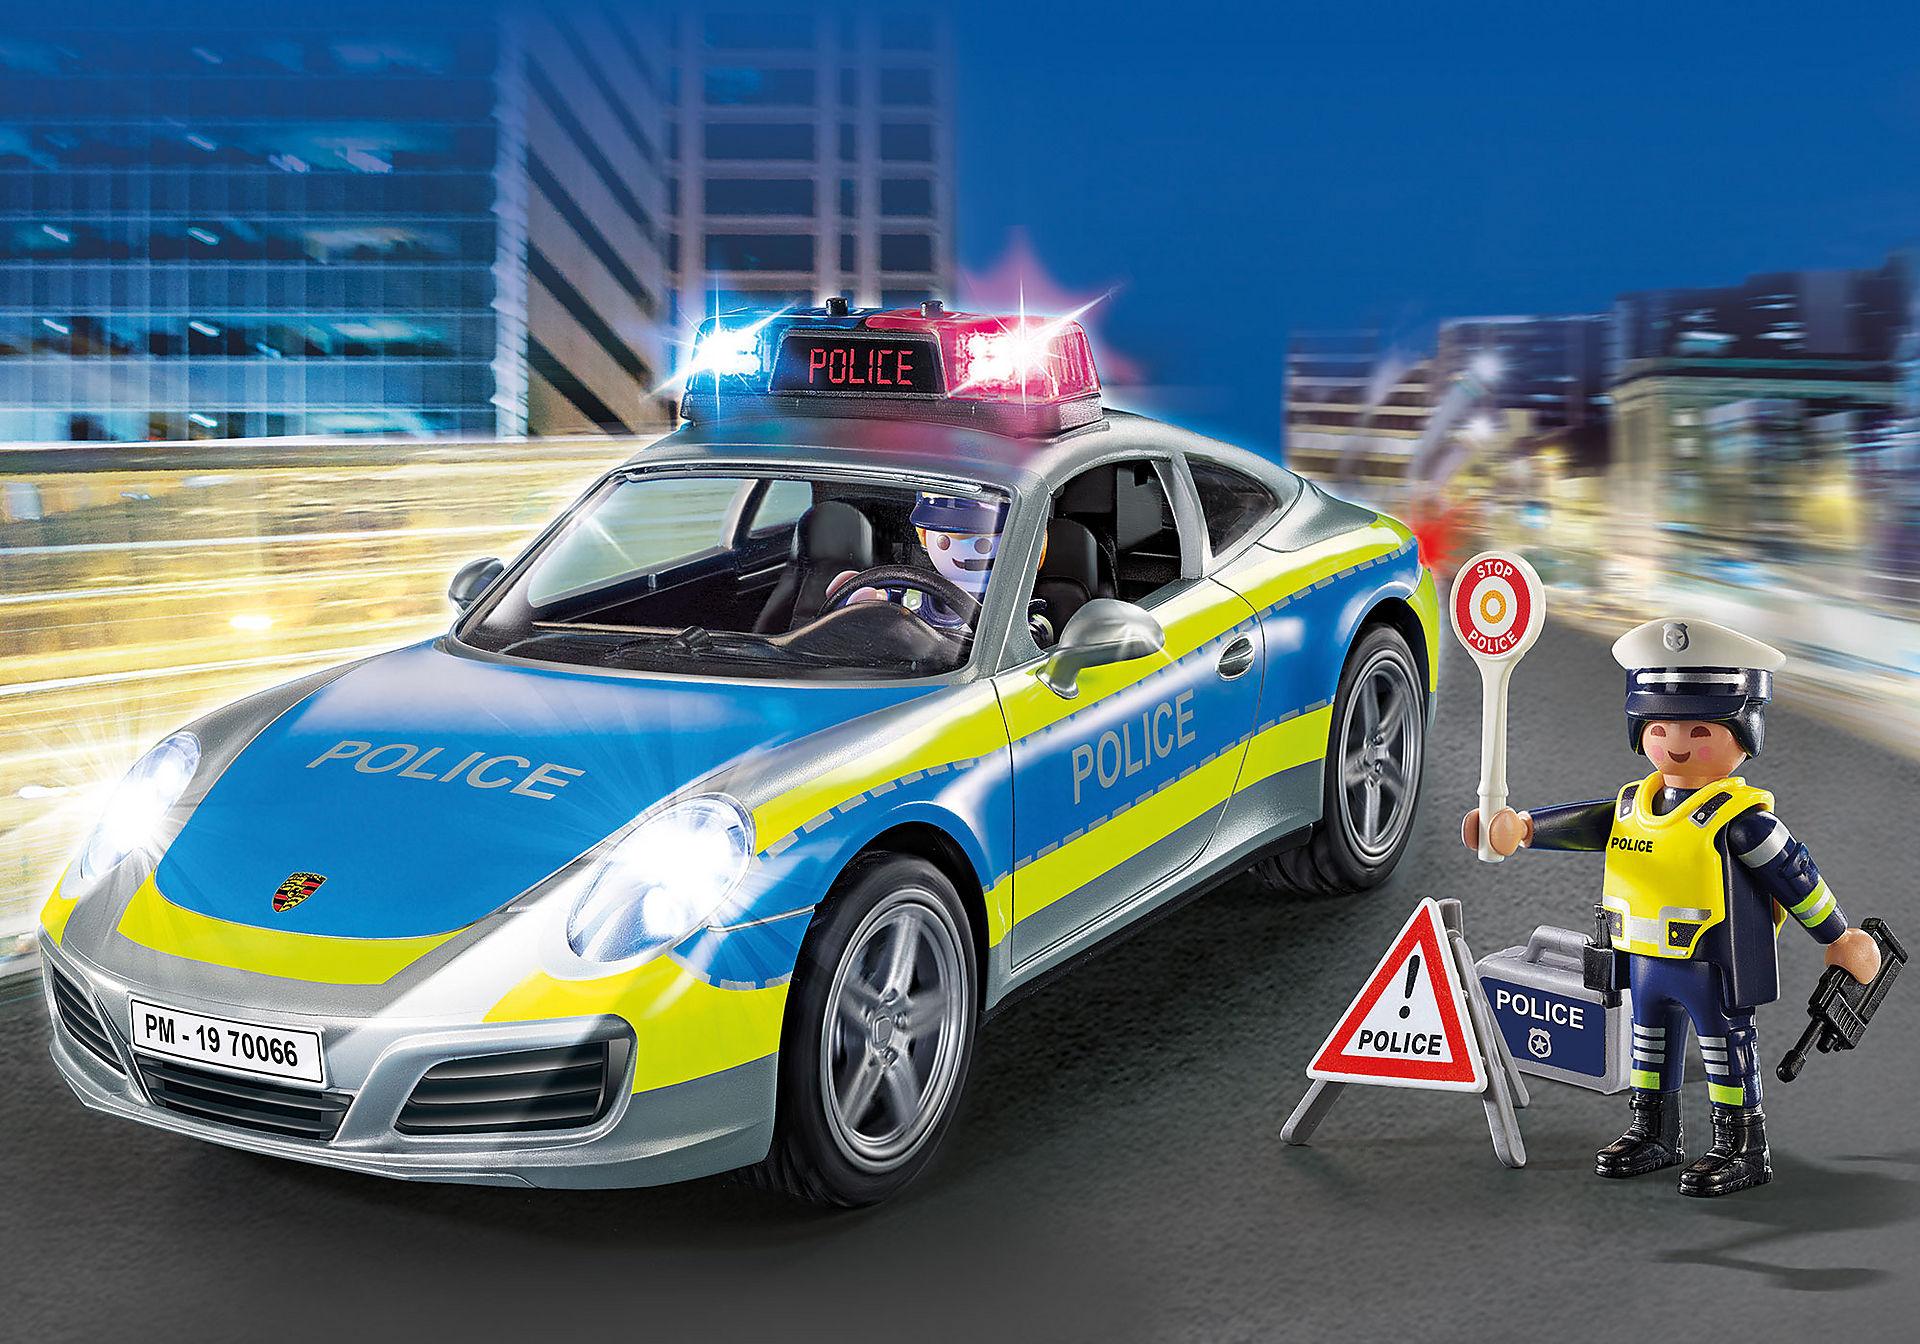 70066 Porsche 911 Carrera 4S Police - White zoom image1